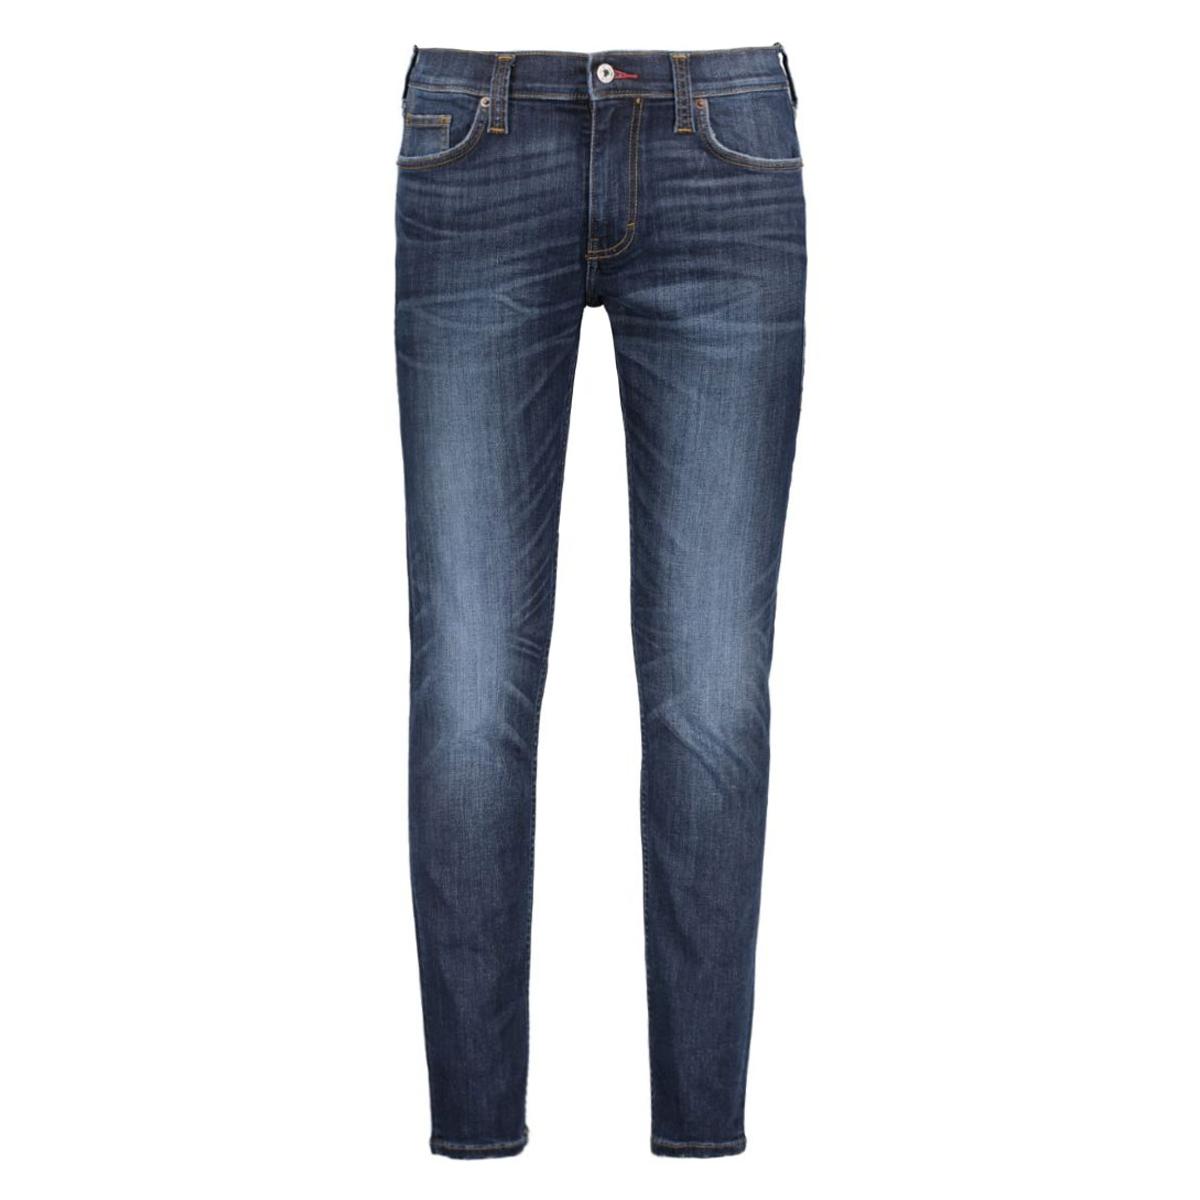 vegas 3122 5683 mustang jeans 87